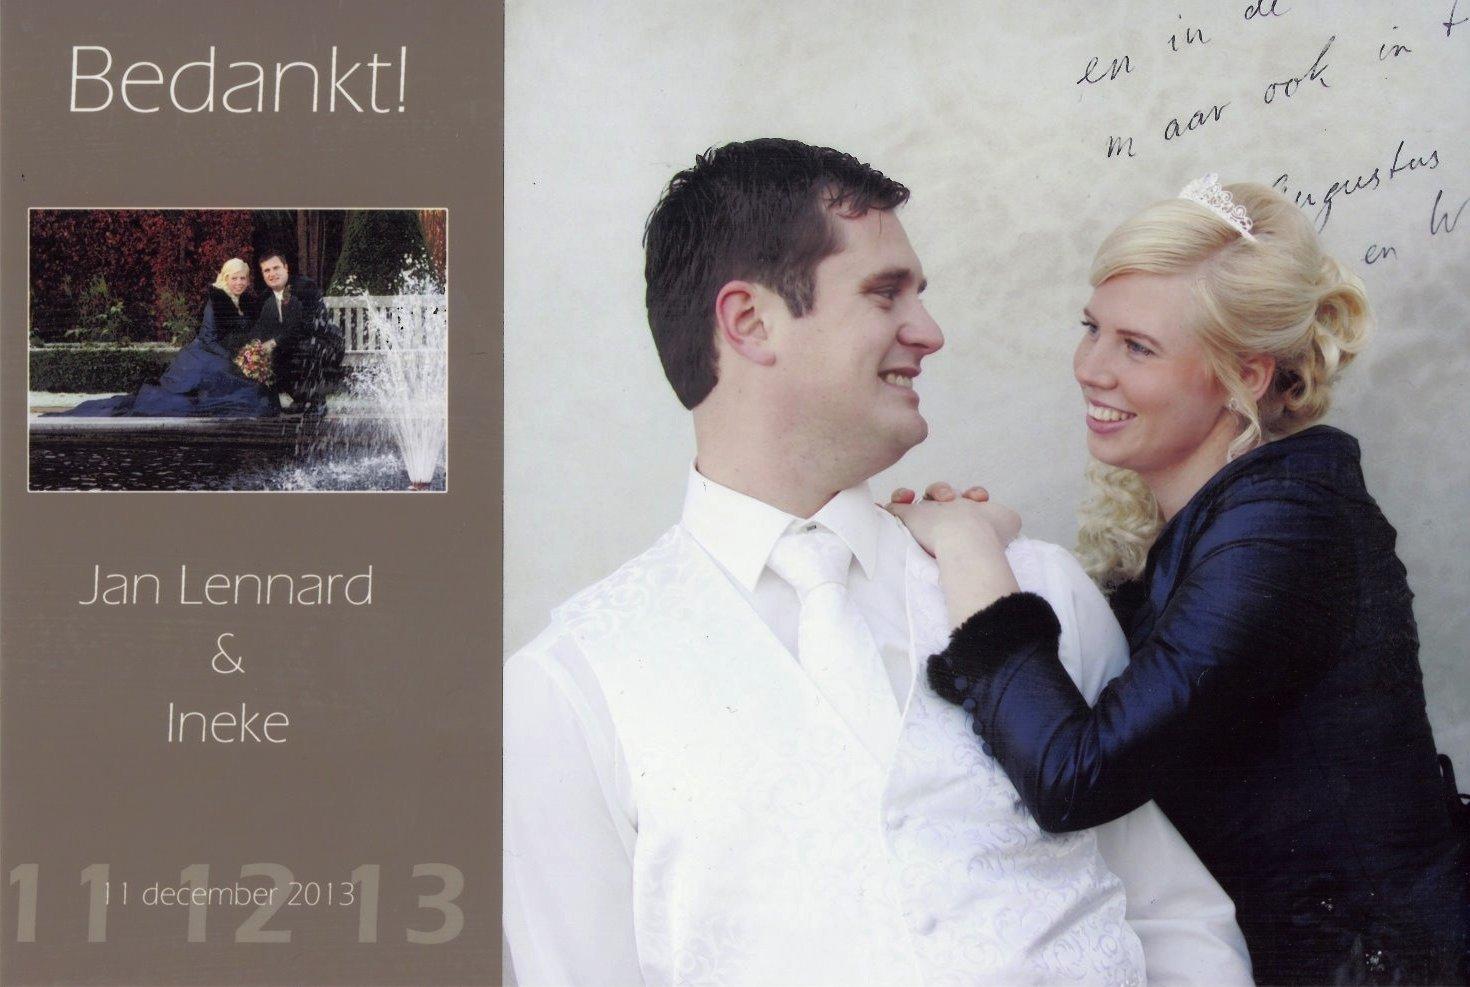 Bruidspaar Jan-Lennard Kempeneers & Ineke Heuvelman (11-12-2013)